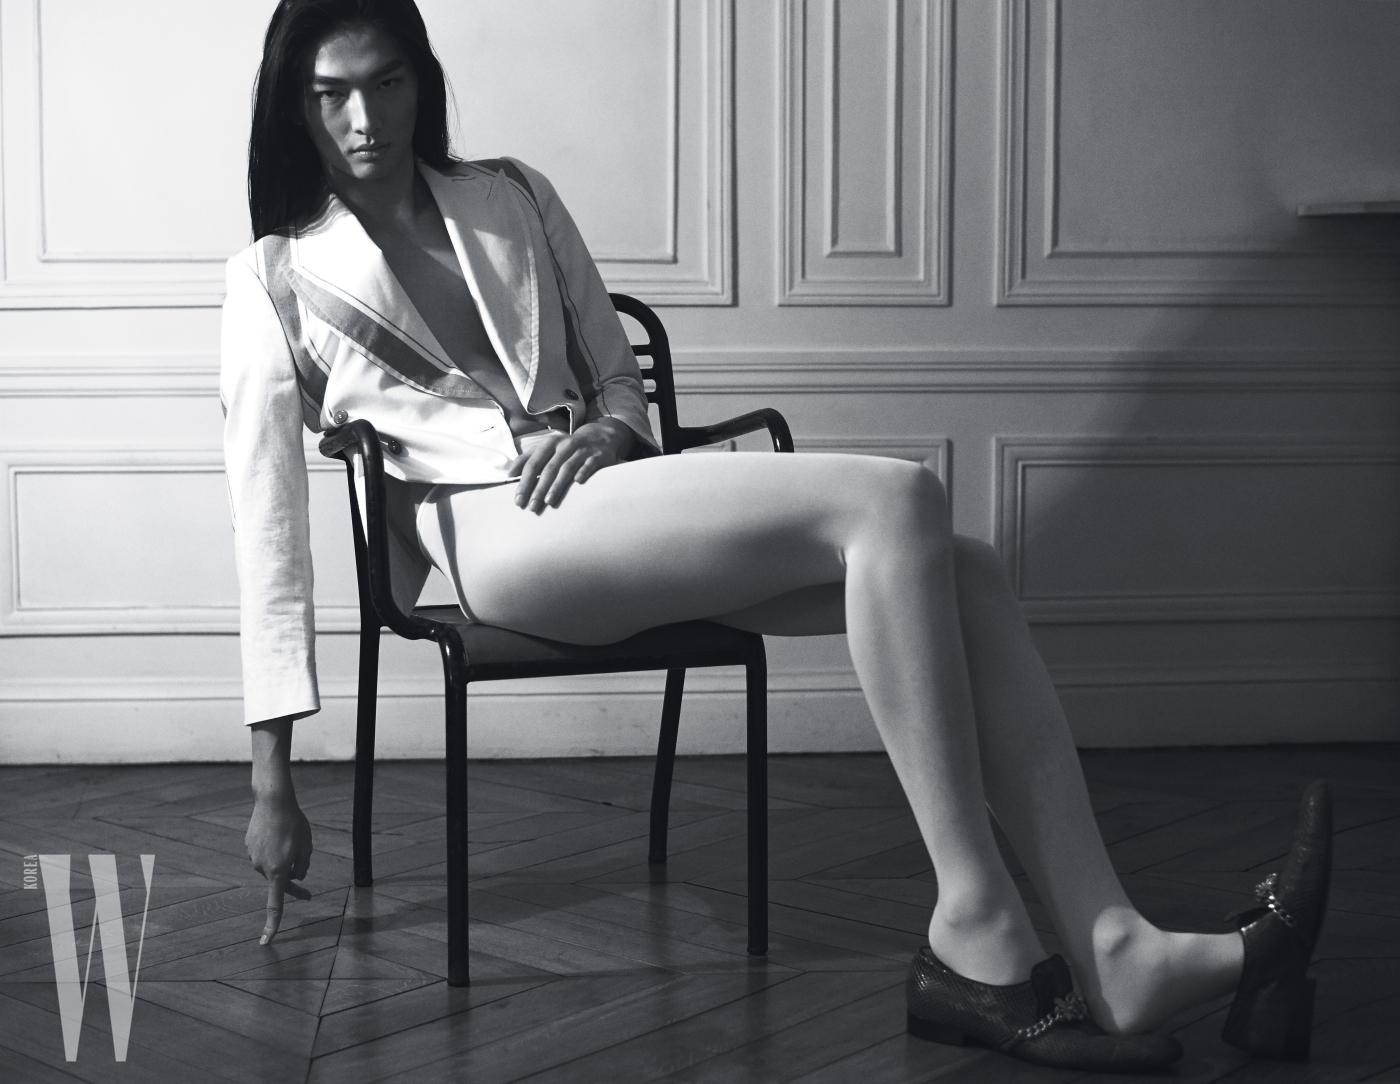 라펠이 넓은 줄무늬 재킷은 Vivienne Westwood, 중세풍 슈즈는 Koche 제품.